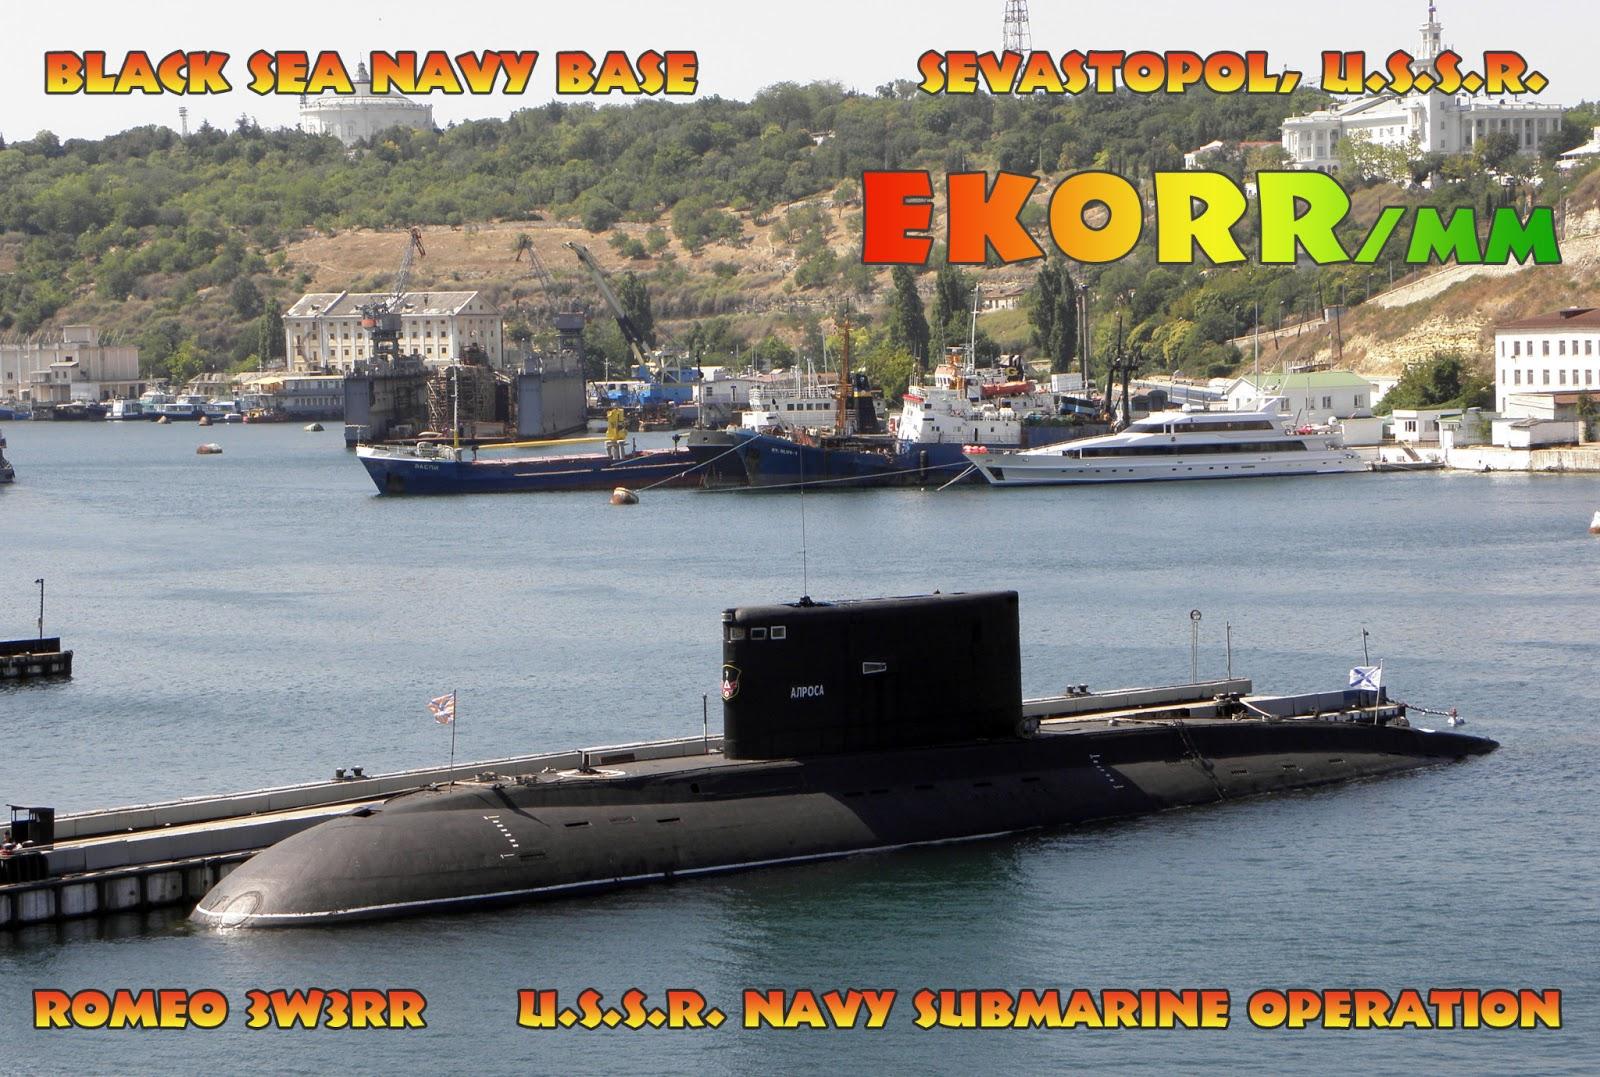 Нажмите на изображение для увеличения.  Название:EK0RR-mm-port.jpg Просмотров:4 Размер:429.2 Кб ID:194454